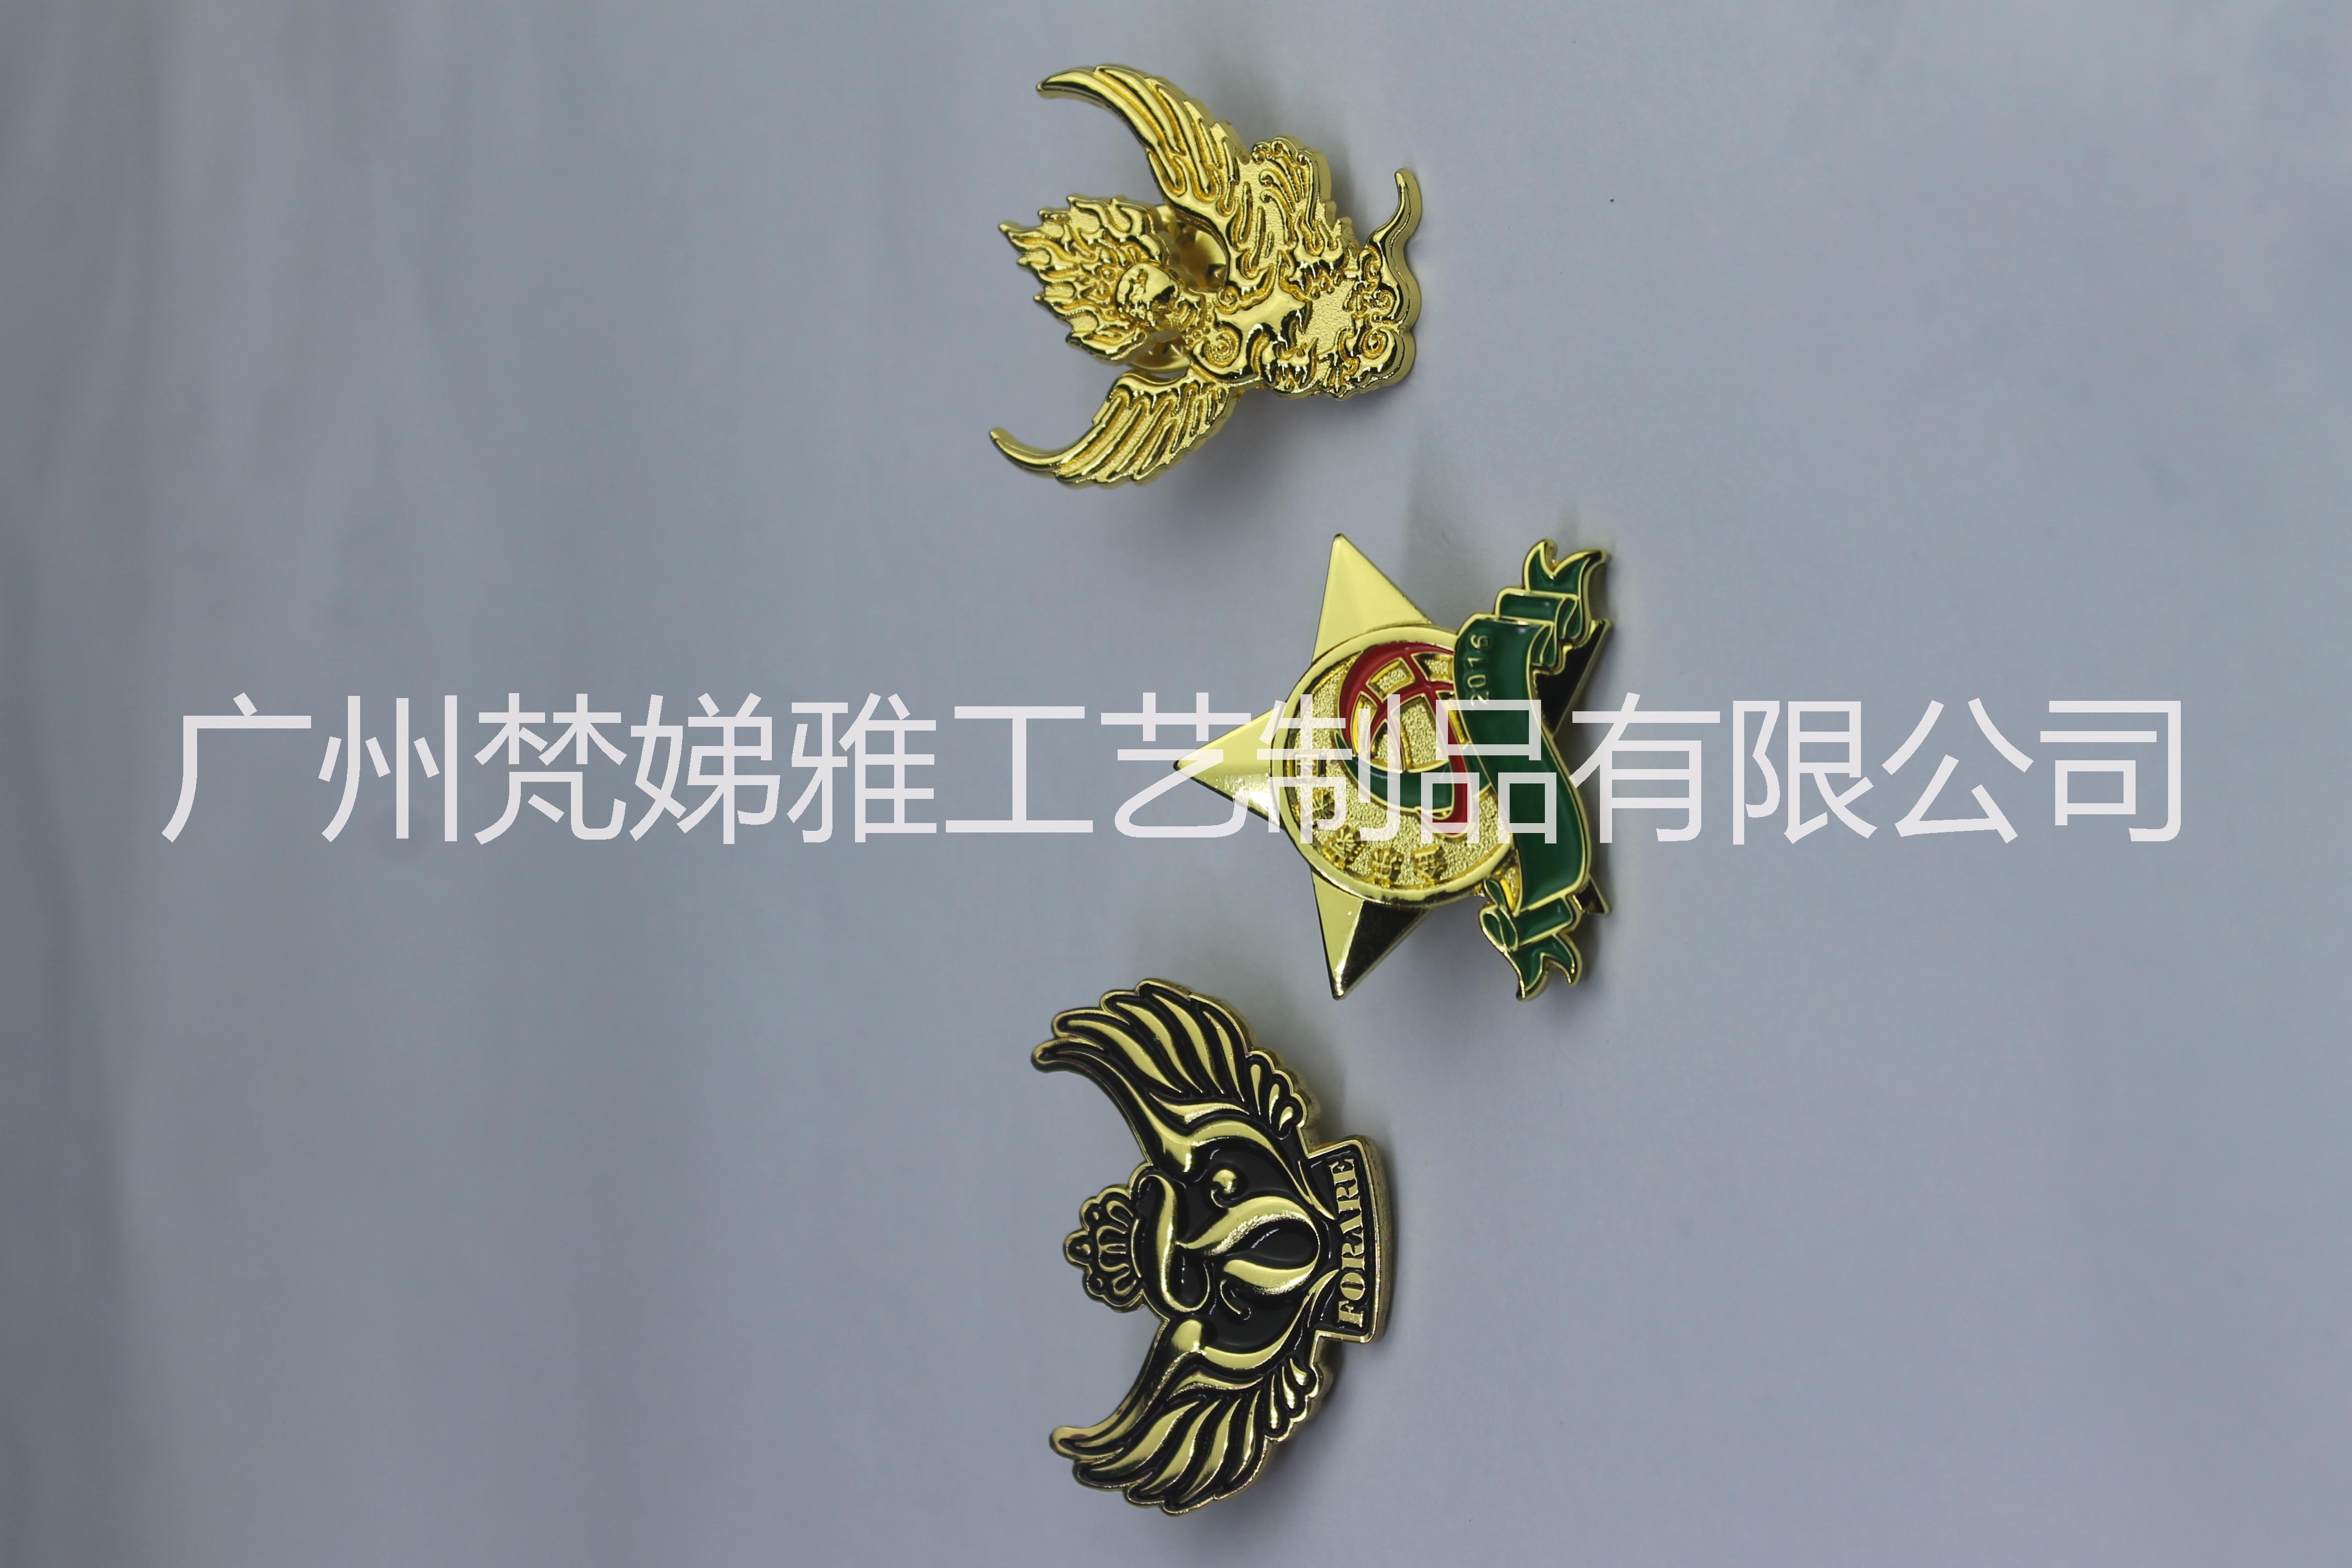 工厂定制航空徽章纪念章翅膀形金属搂空徽章国旗胸章 工厂定制徽章